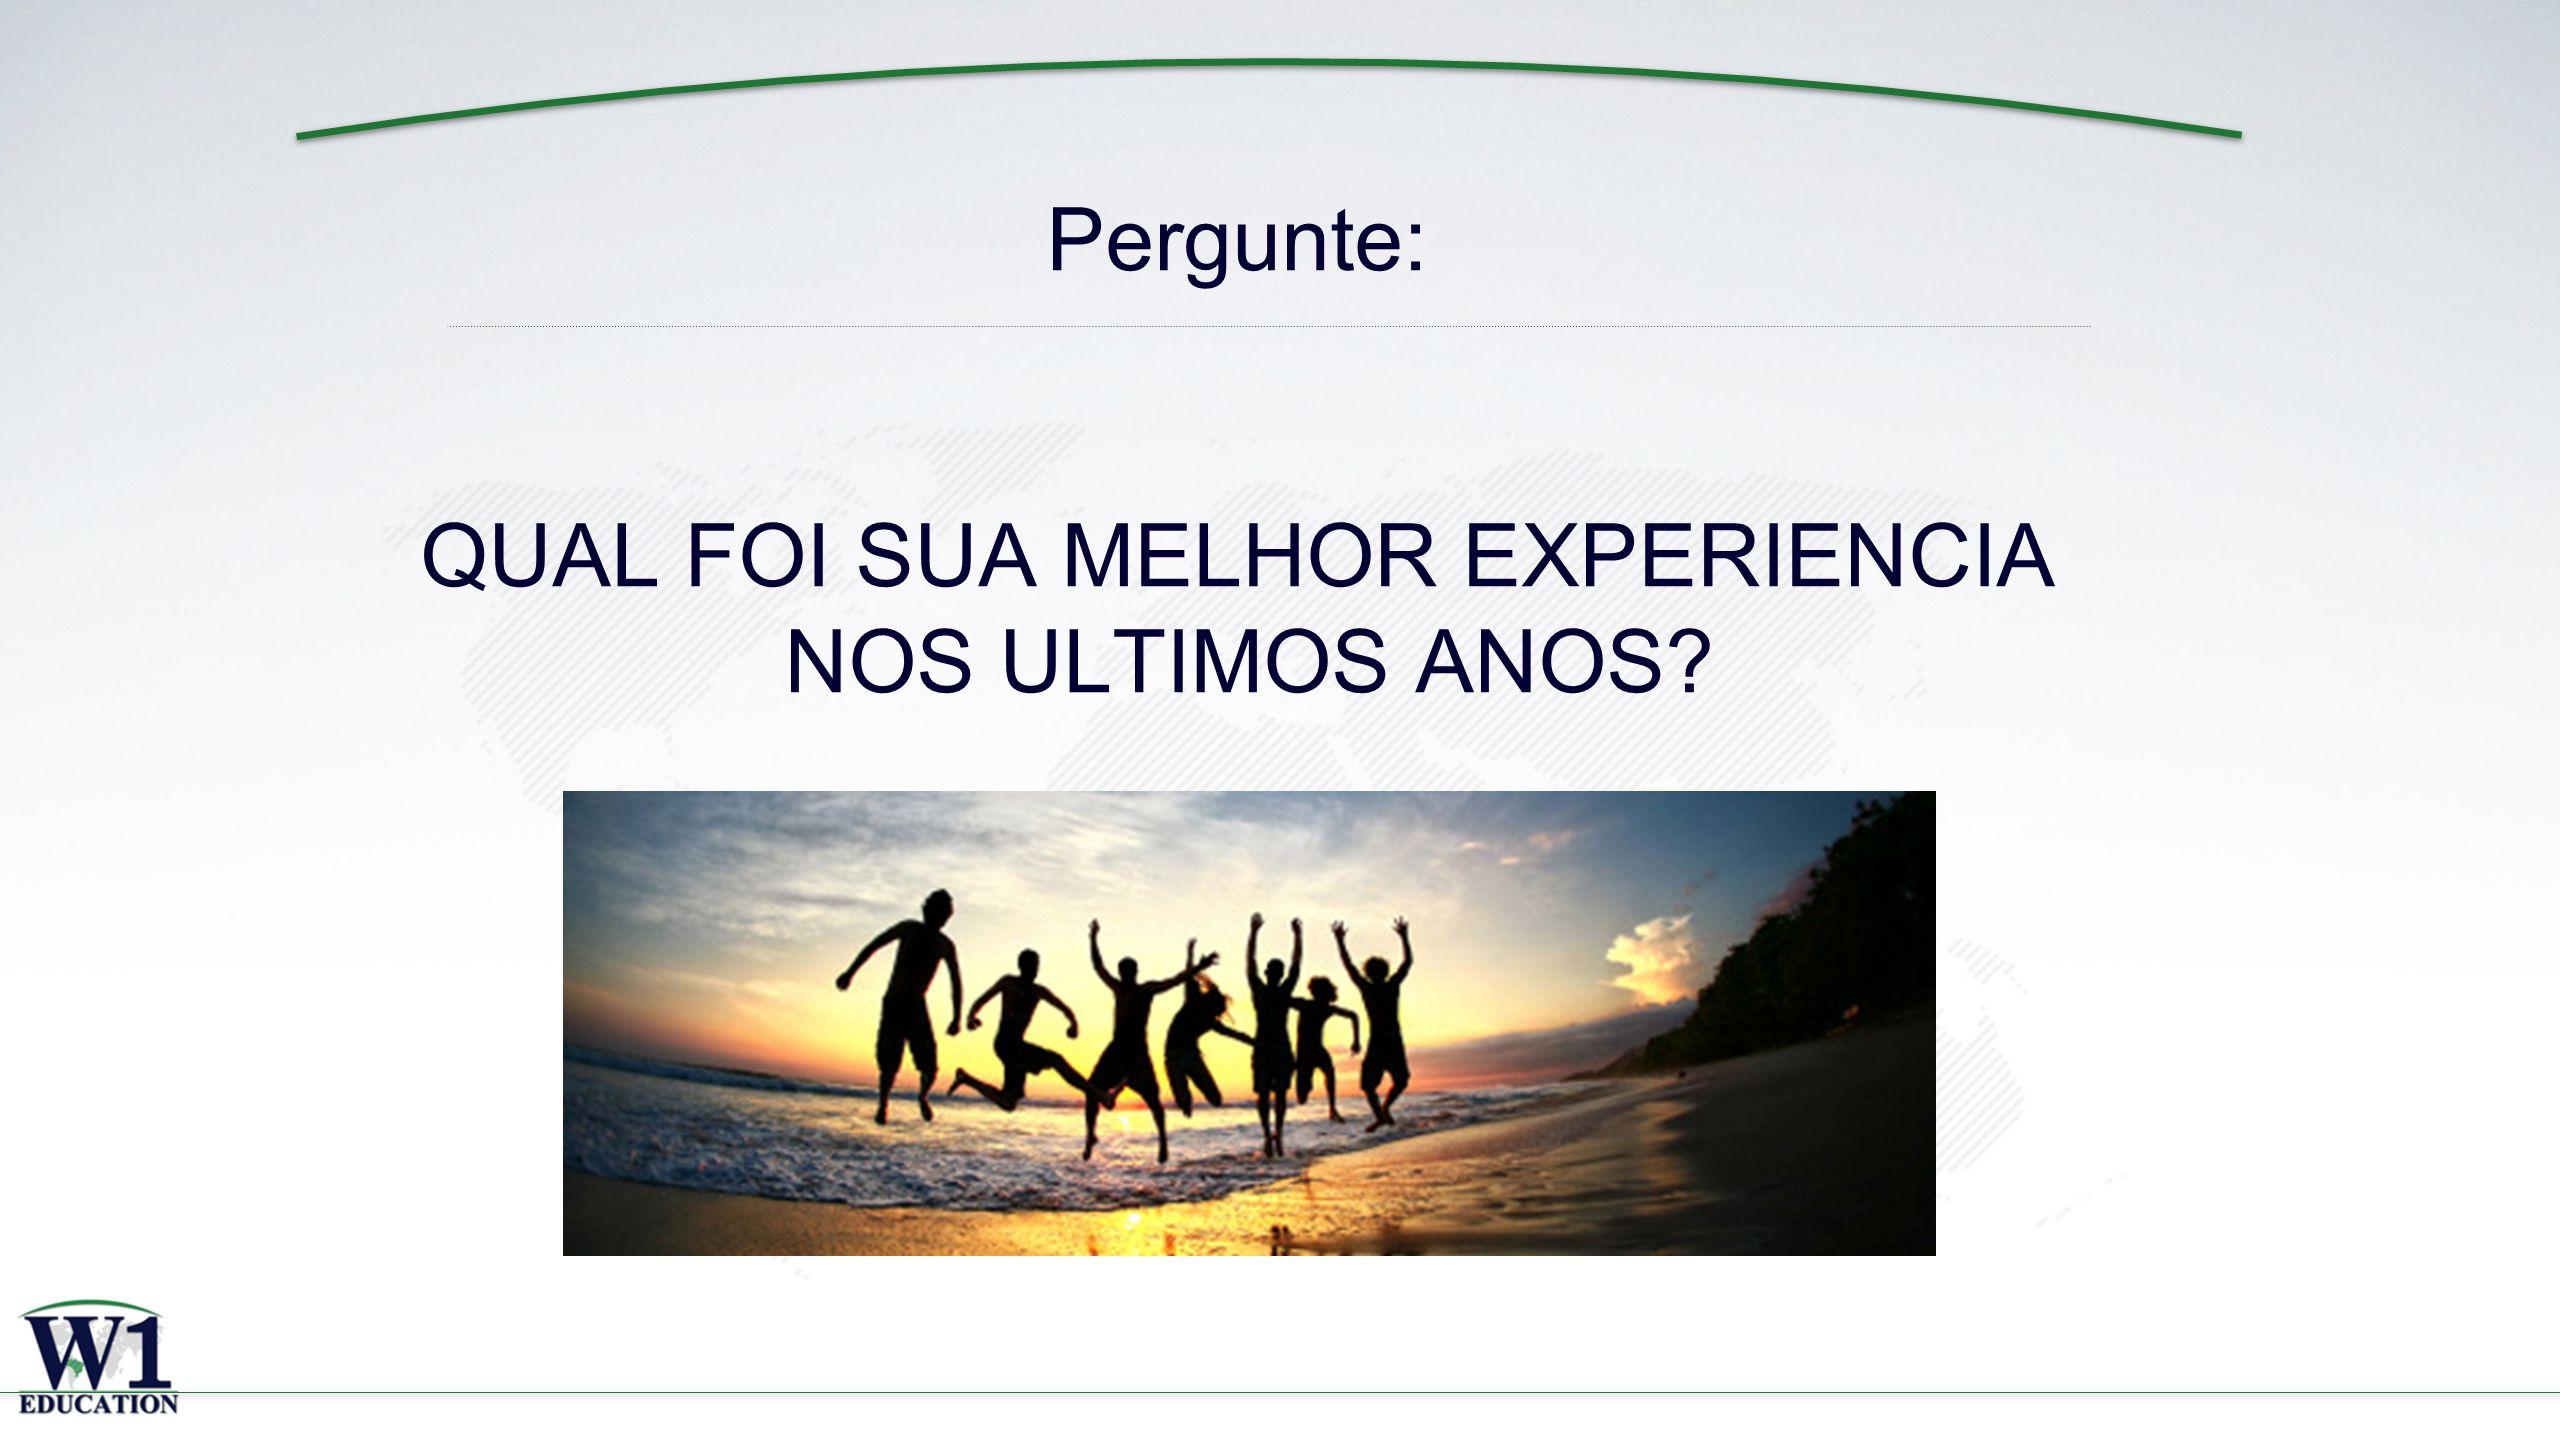 x Pergunte: QUAL FOI SUA MELHOR EXPERIENCIA NOS ULTIMOS ANOS?